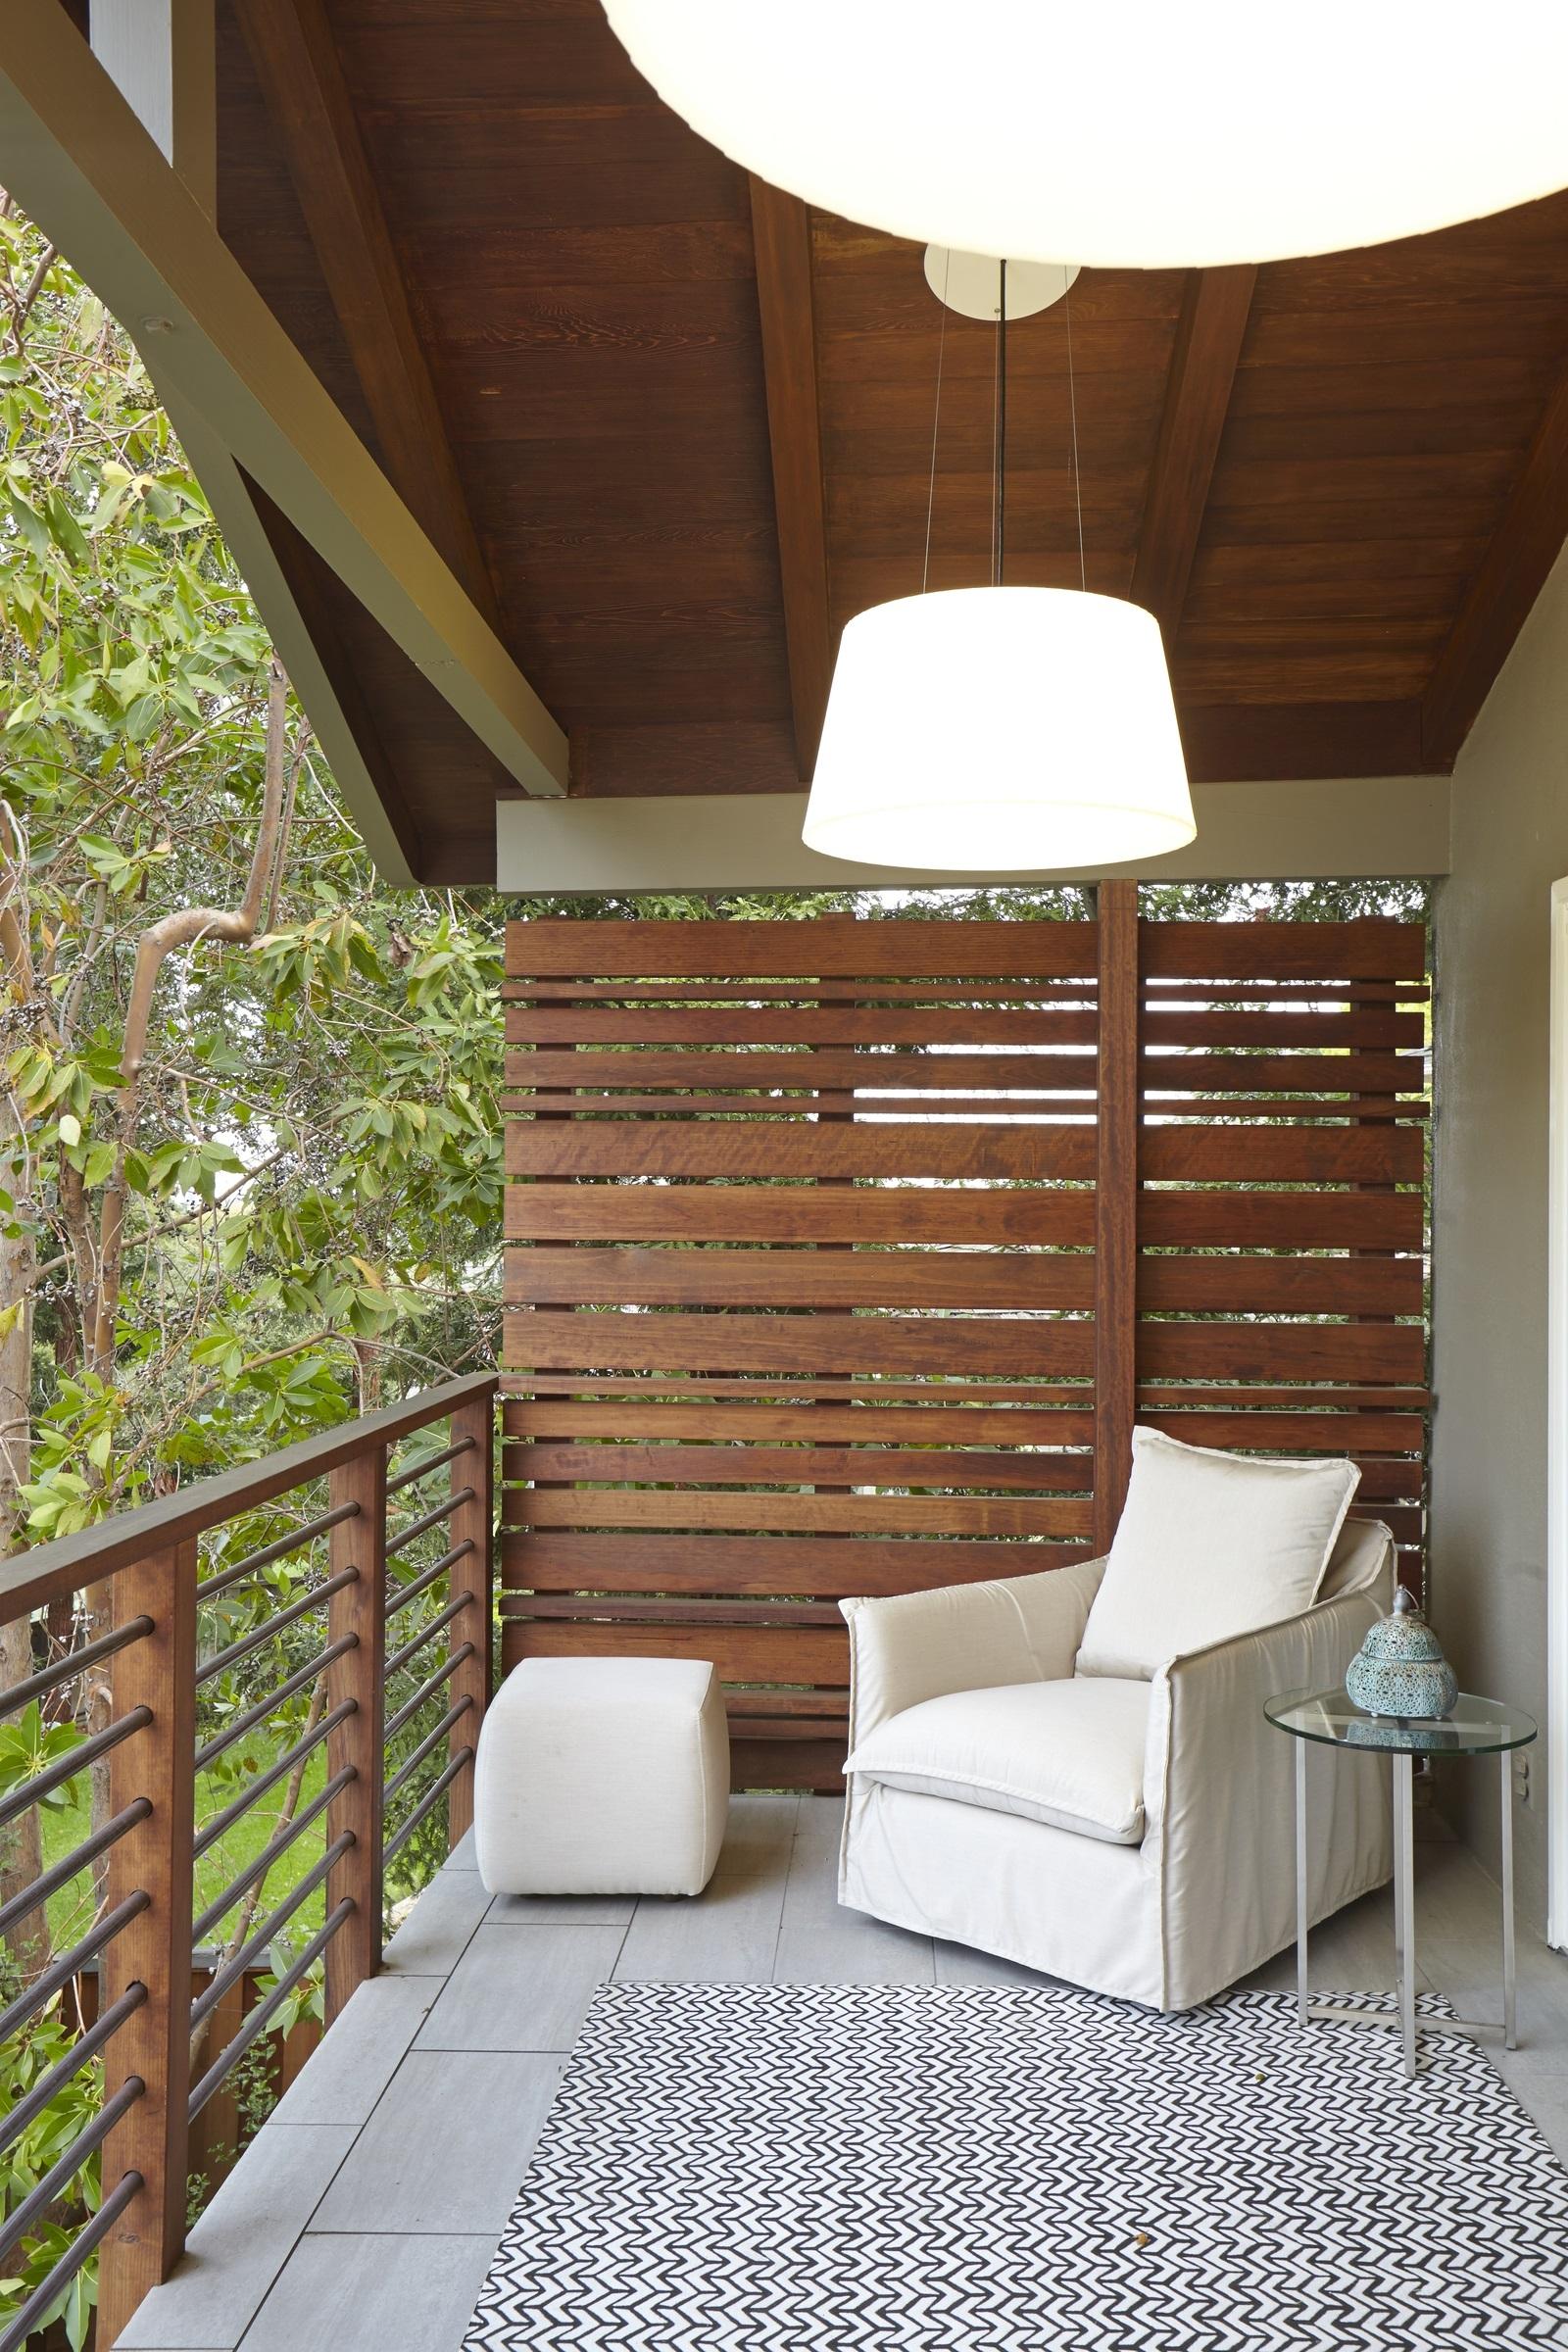 Brise-vue pour balcon bricolage.